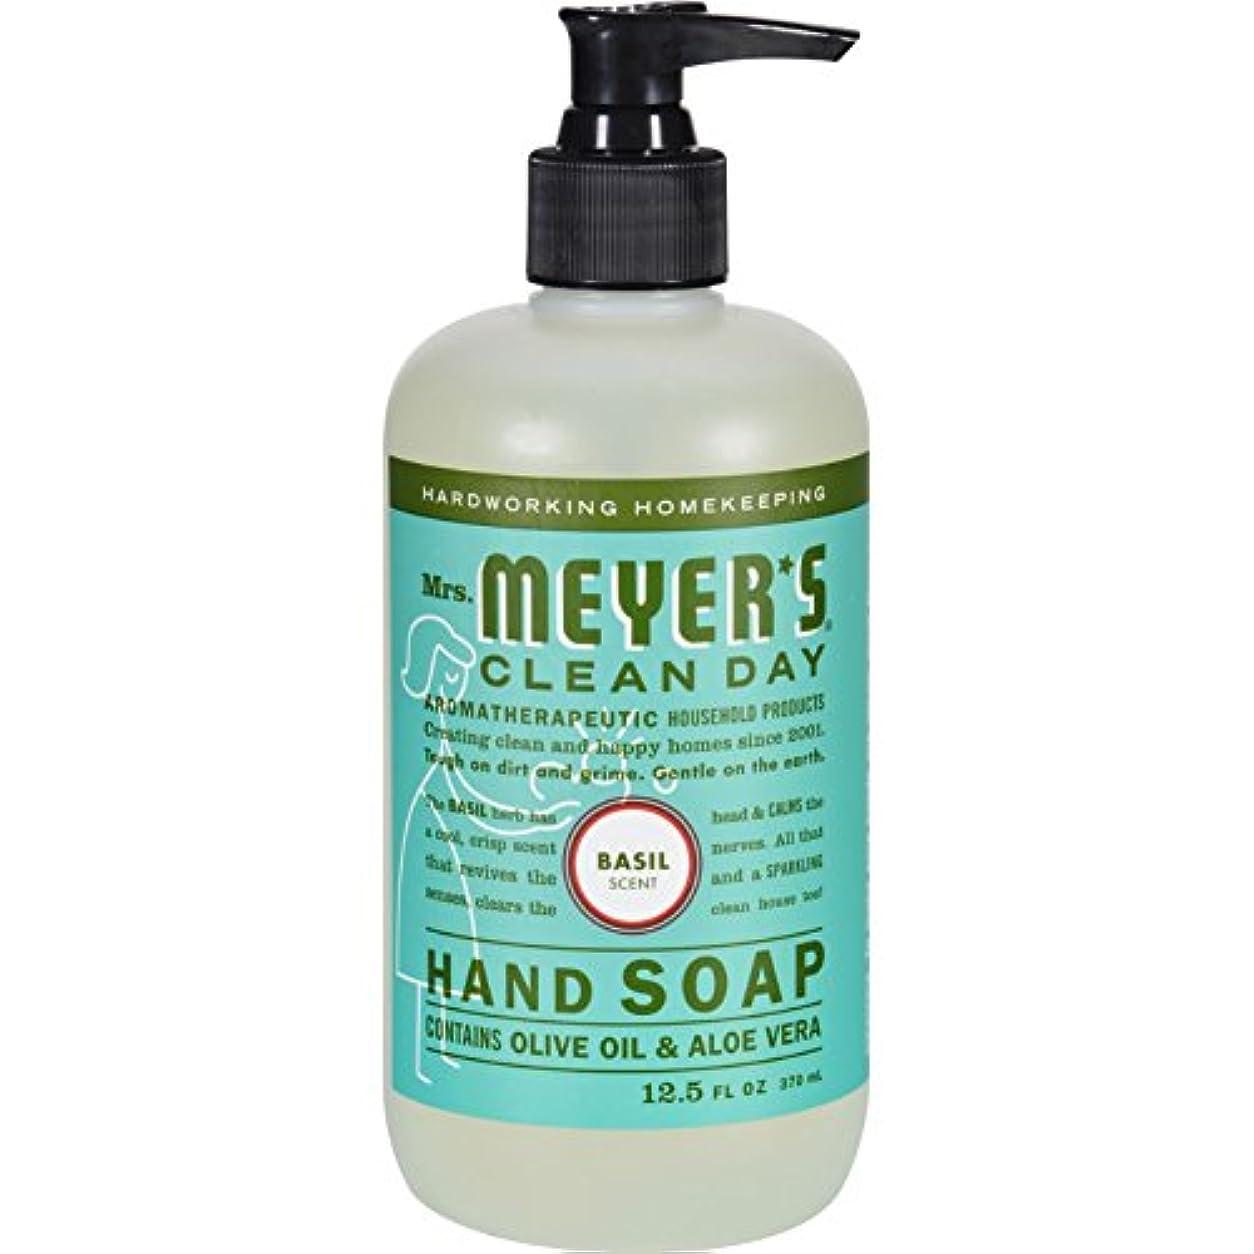 見えるファイナンスオンスMRS. MEYER'S HAND SOAP,LIQ,BASIL, 12.5 FZ by Mrs. Meyer's Clean Day